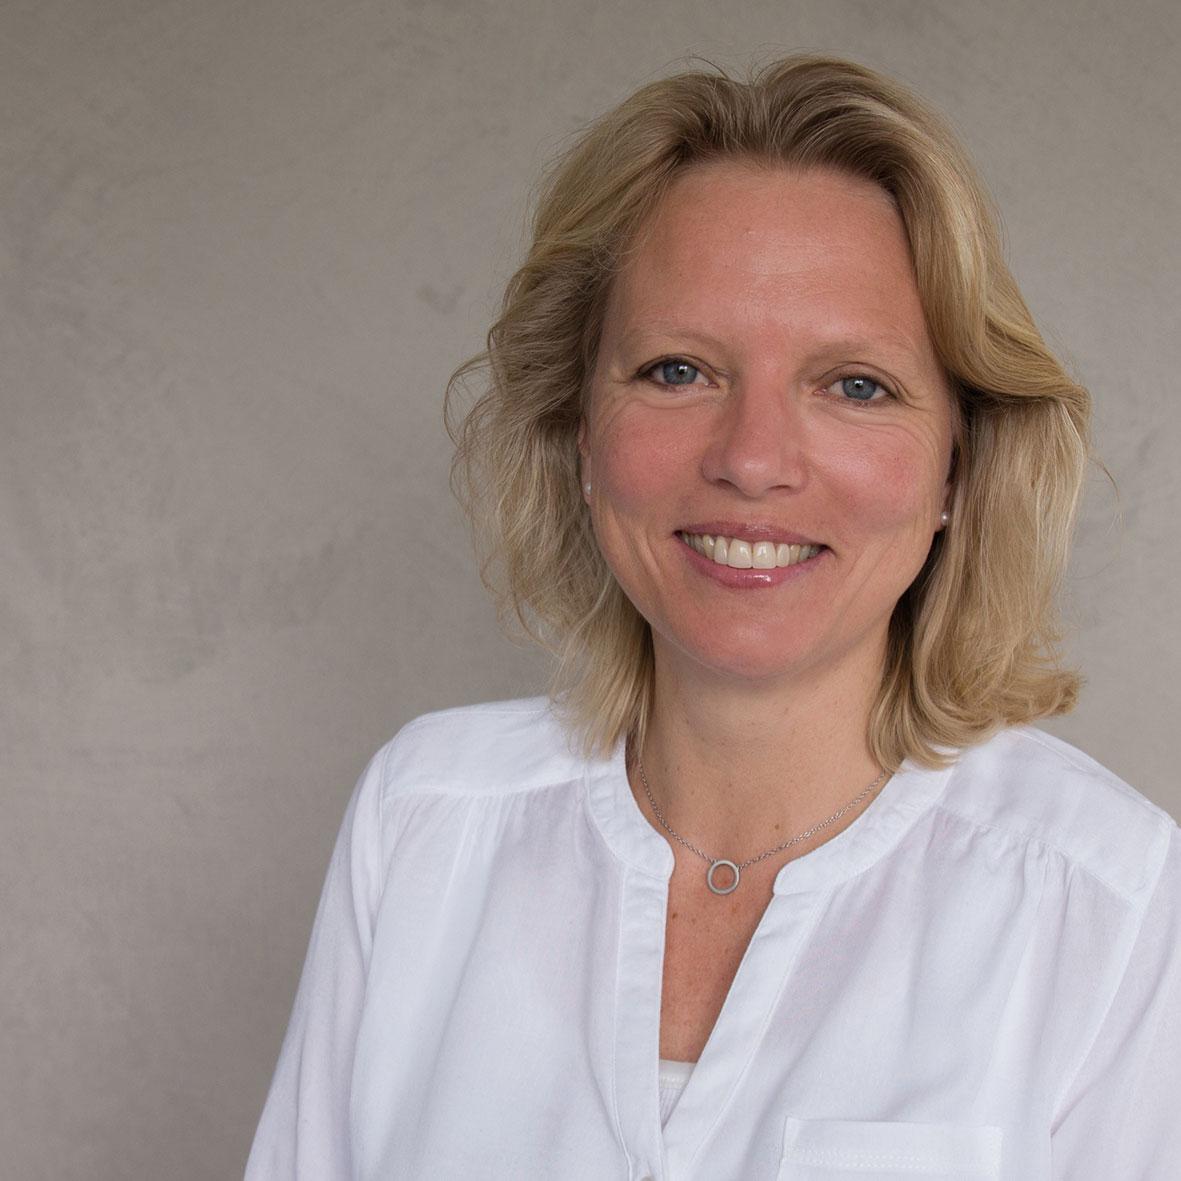 Karin Hund